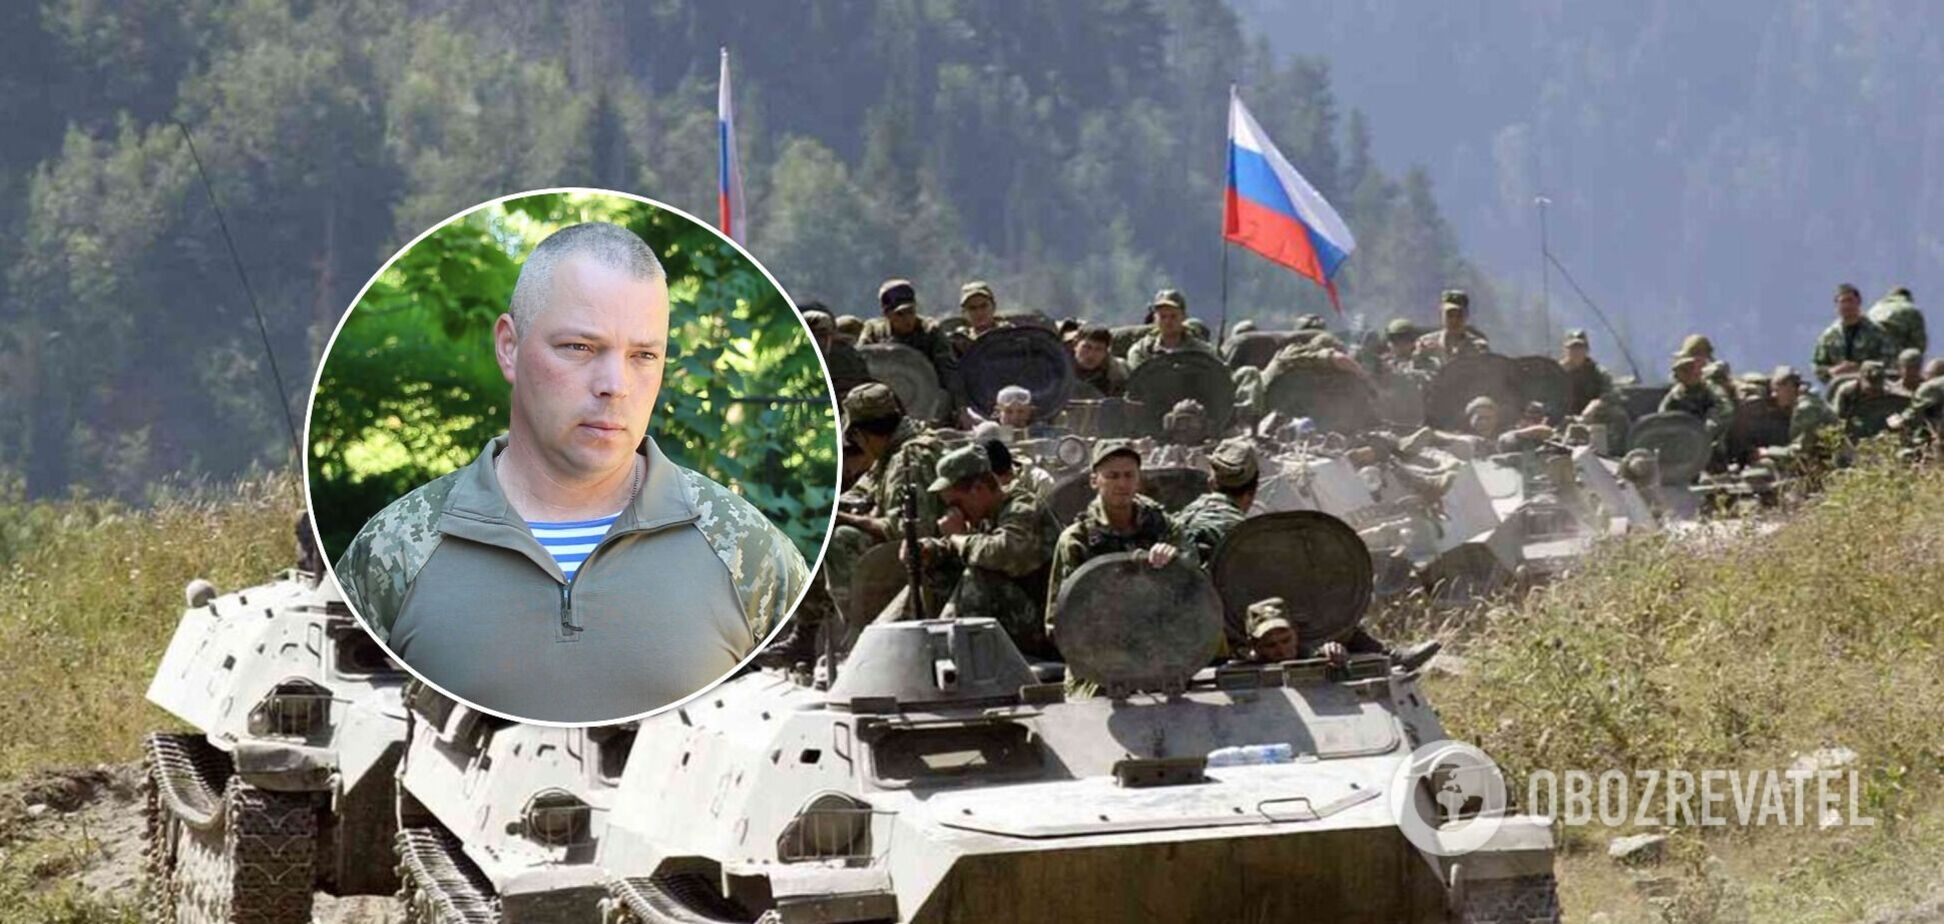 Россия может реализовать план нападения на Украину за сутки, – генерал ВСУ